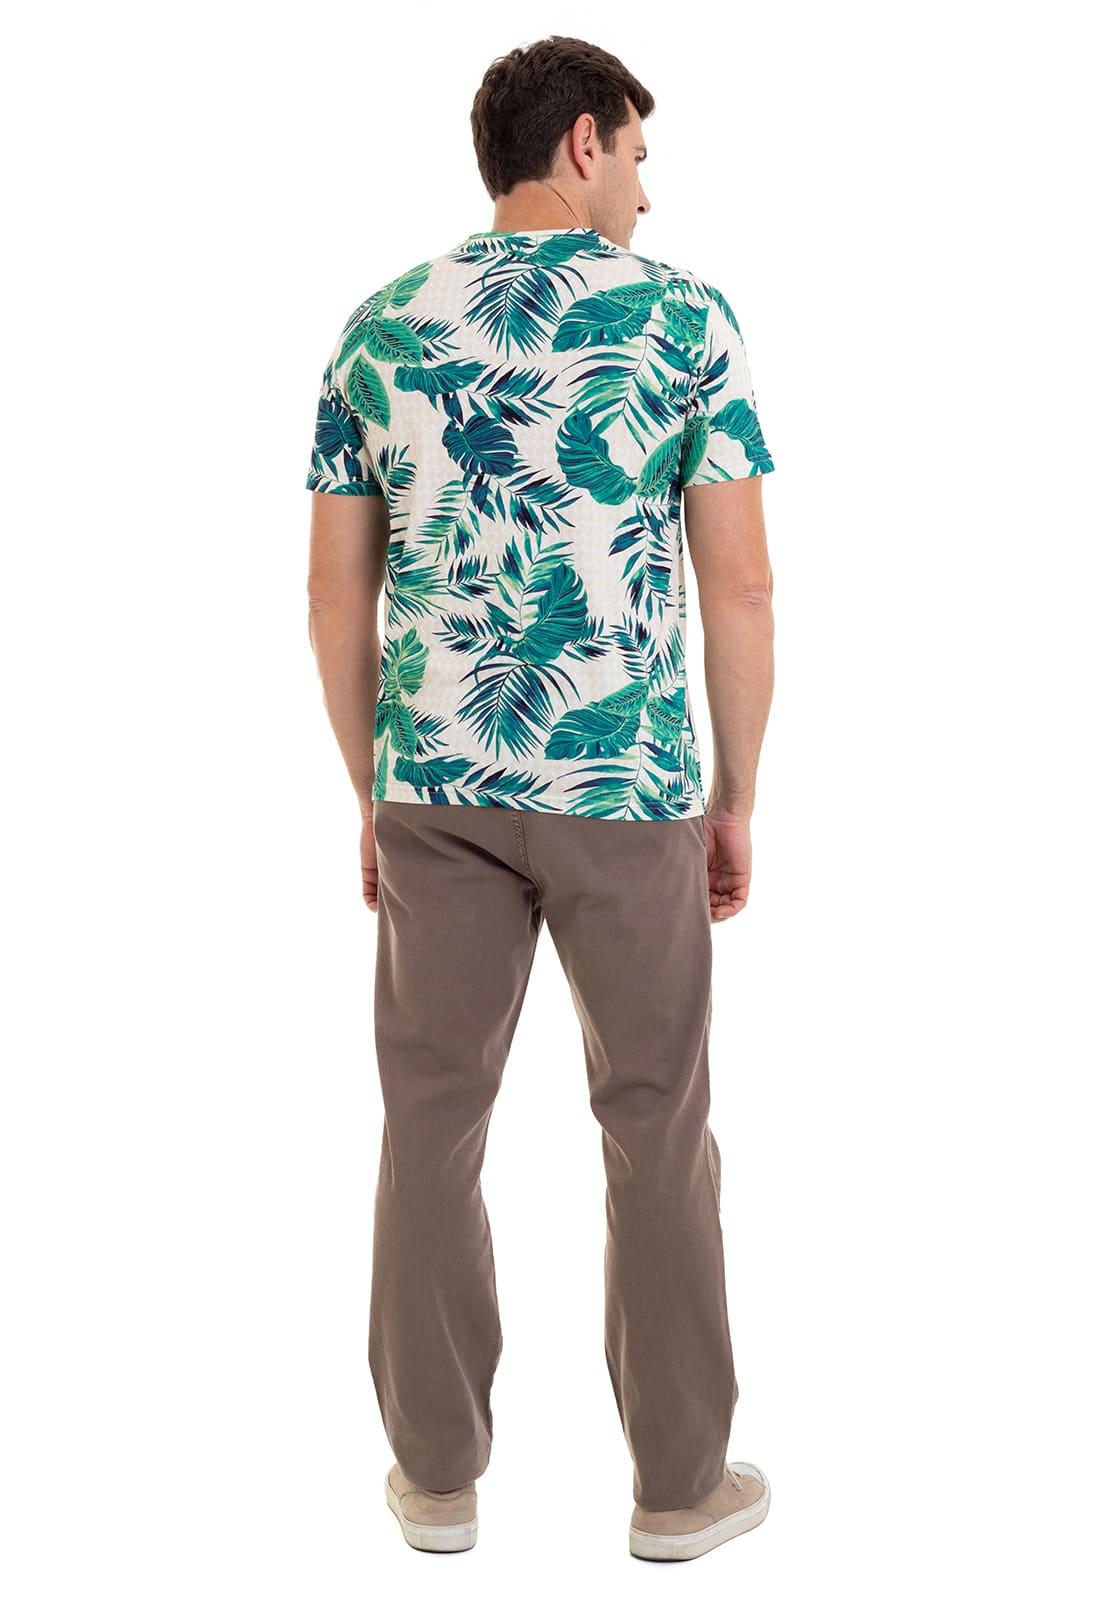 Camiseta Estampada Hifen em Malha Premium